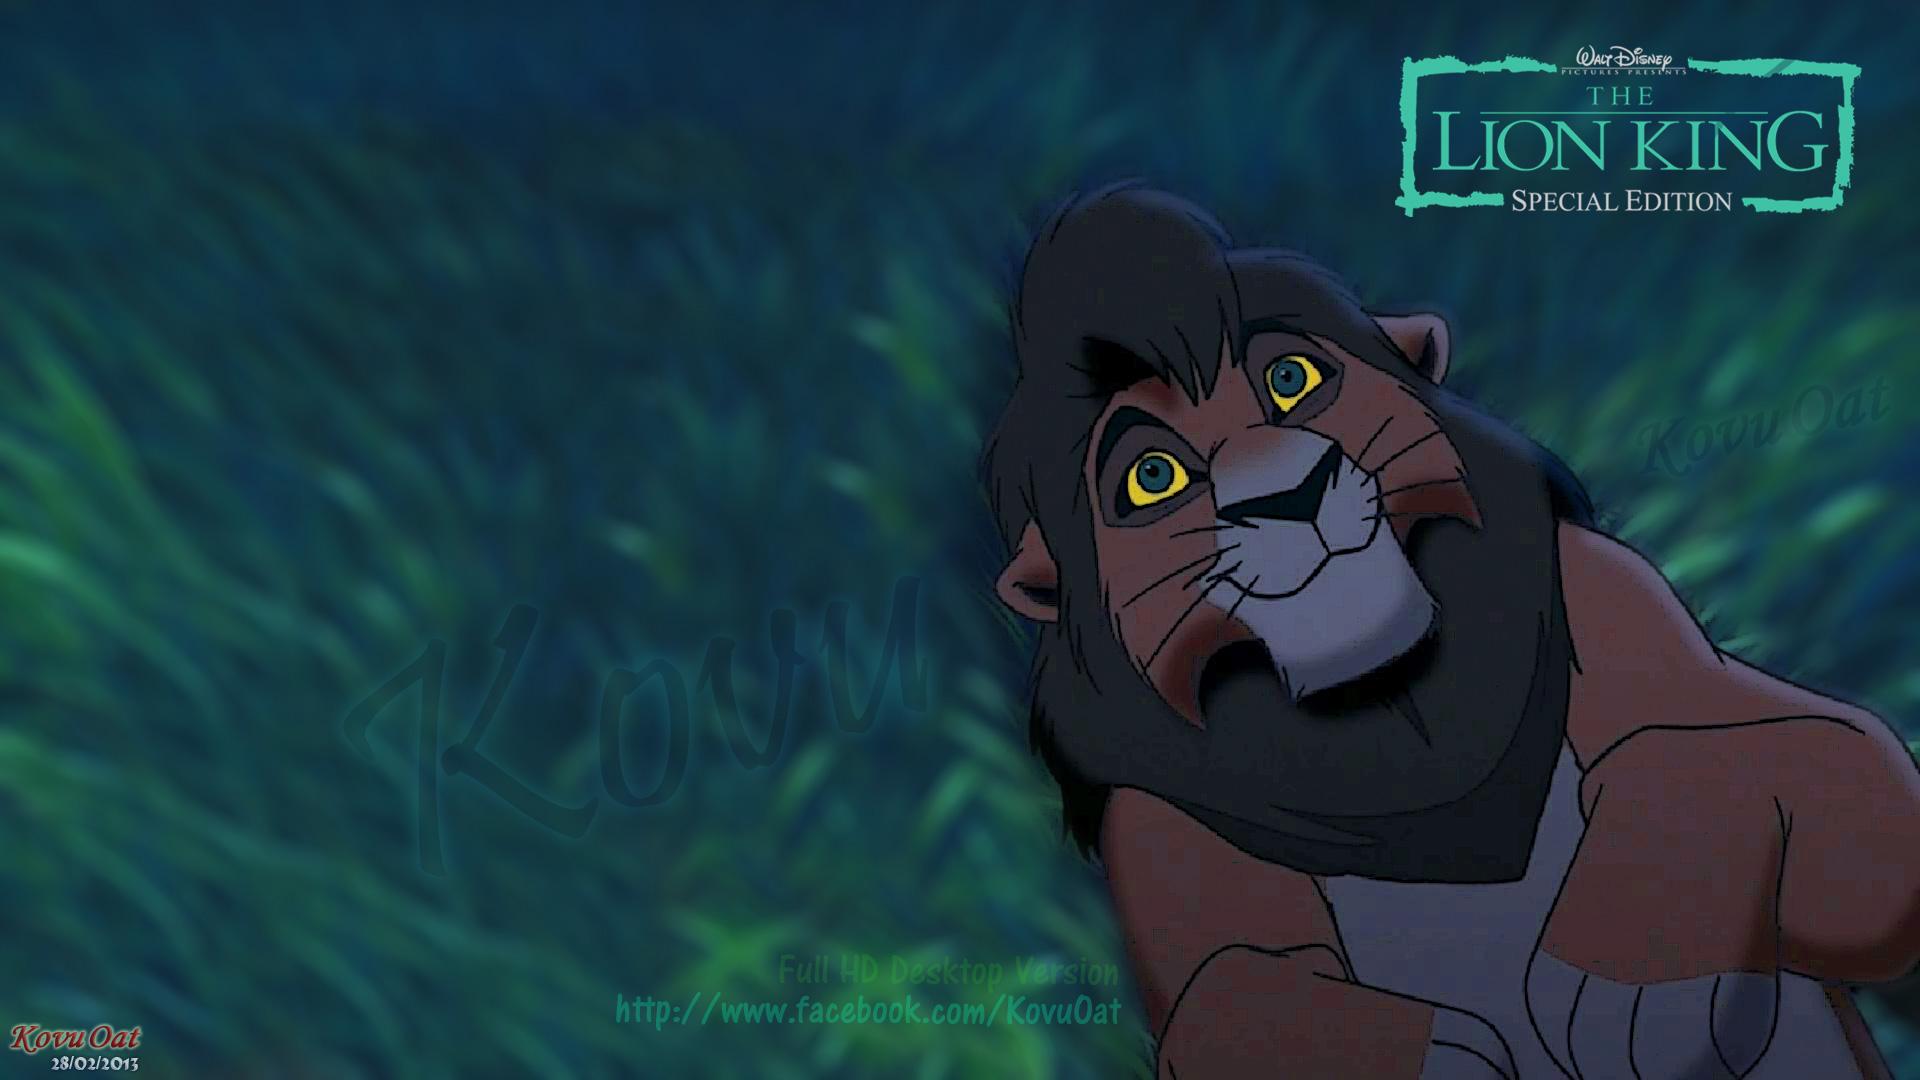 Lion King Kovu Desktop Wallpaper Background Full HD   Kovu Oat 1920x1080